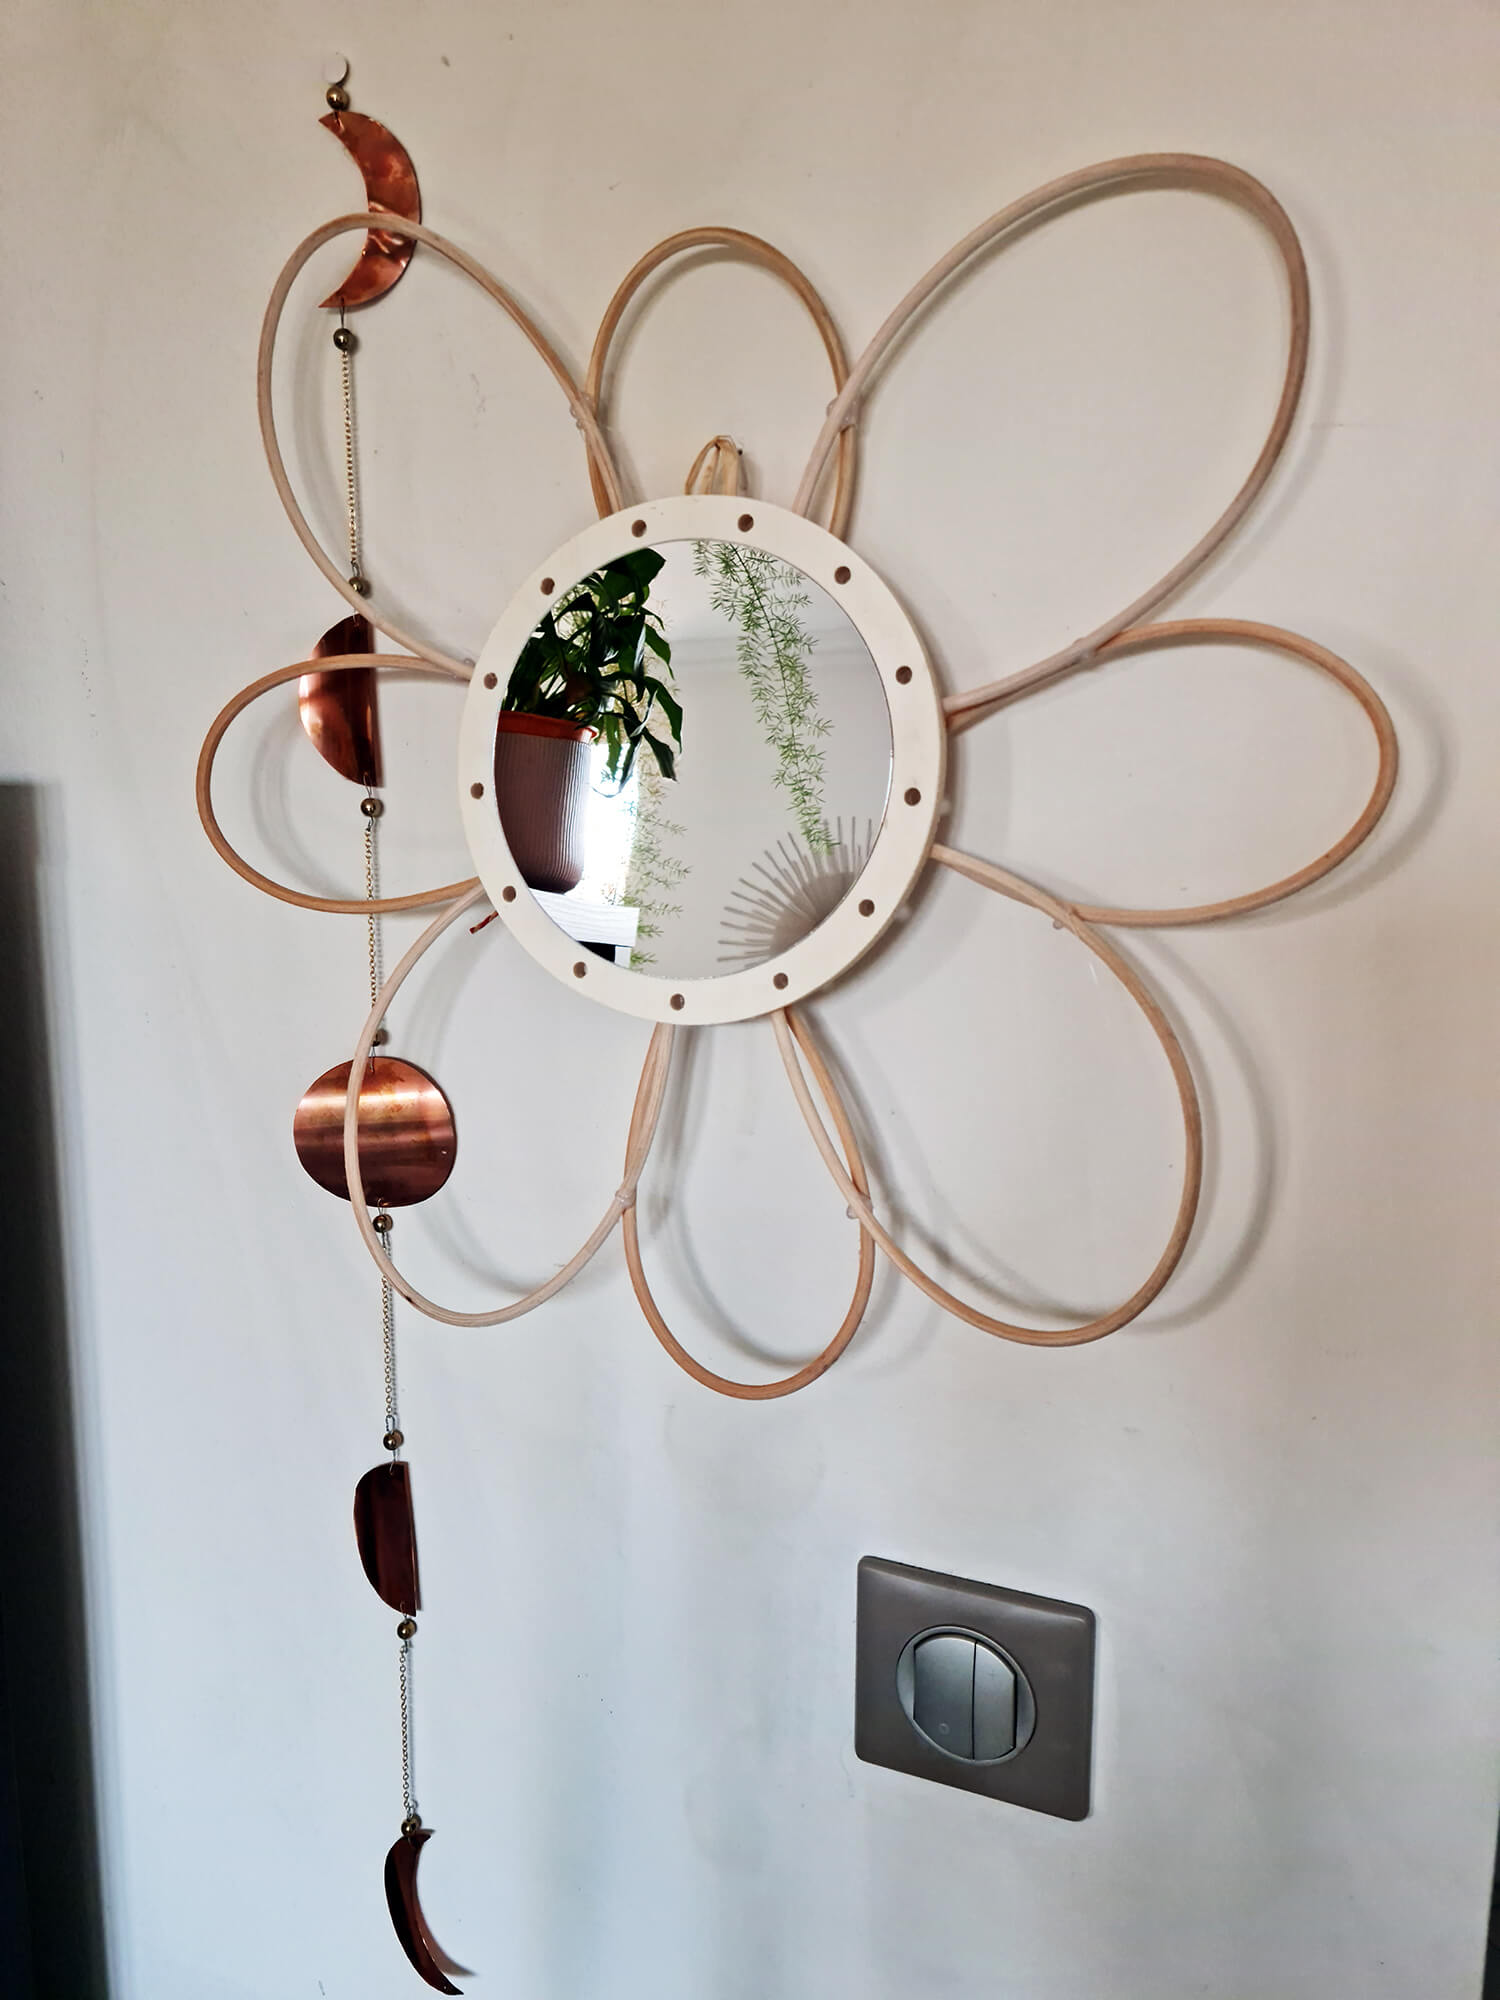 20210319 170922 - DIY déco : donner vie à des miroirs en rotin